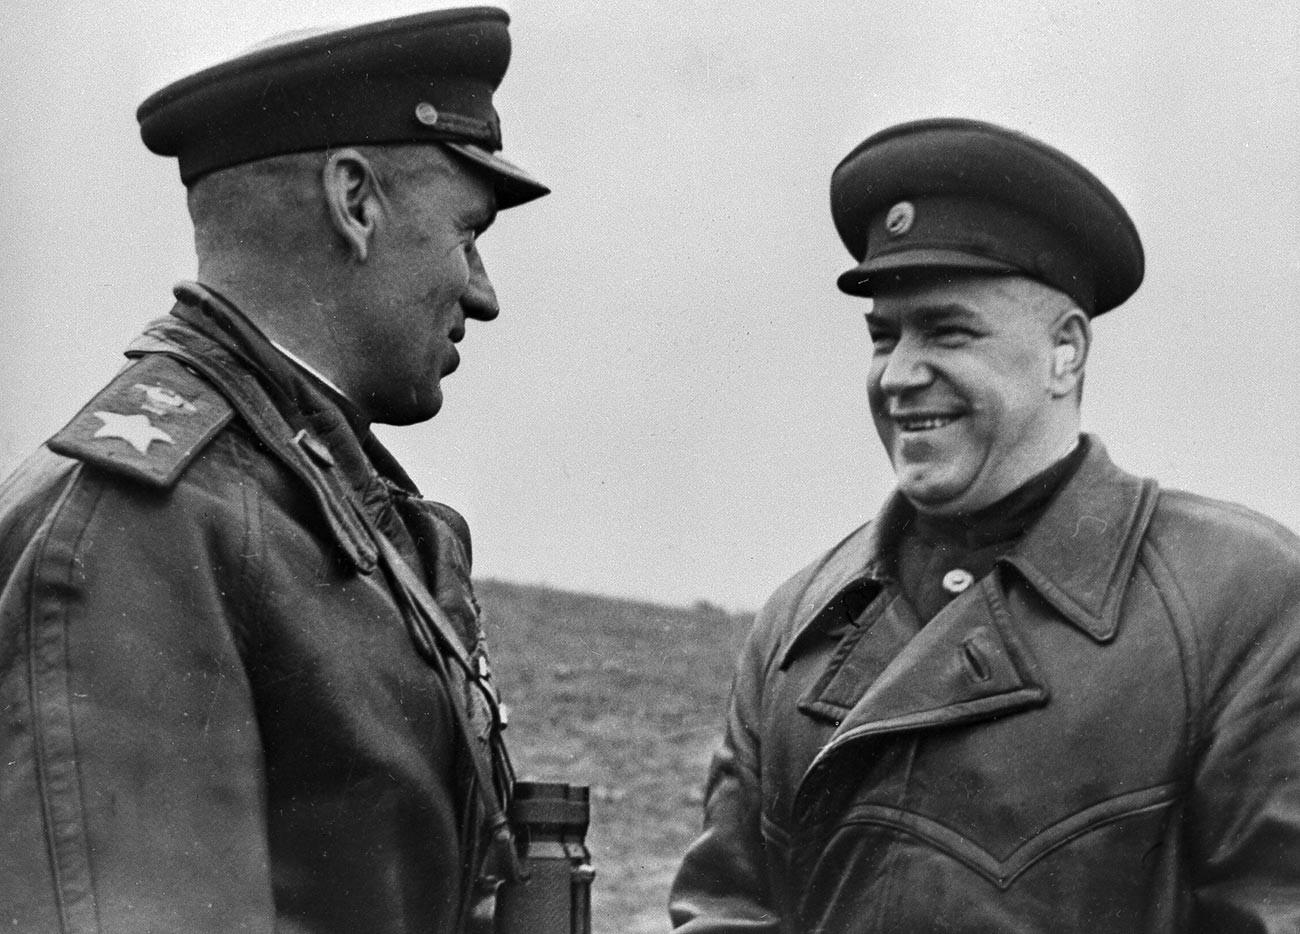 Comandante del 1er Frente de Bielorrusia mariscal de la Unión Soviética, Konstantín Rokossovski (izquierda) y mariscal de la Unión Soviética Gueorgui Zhúkov en Polonia.